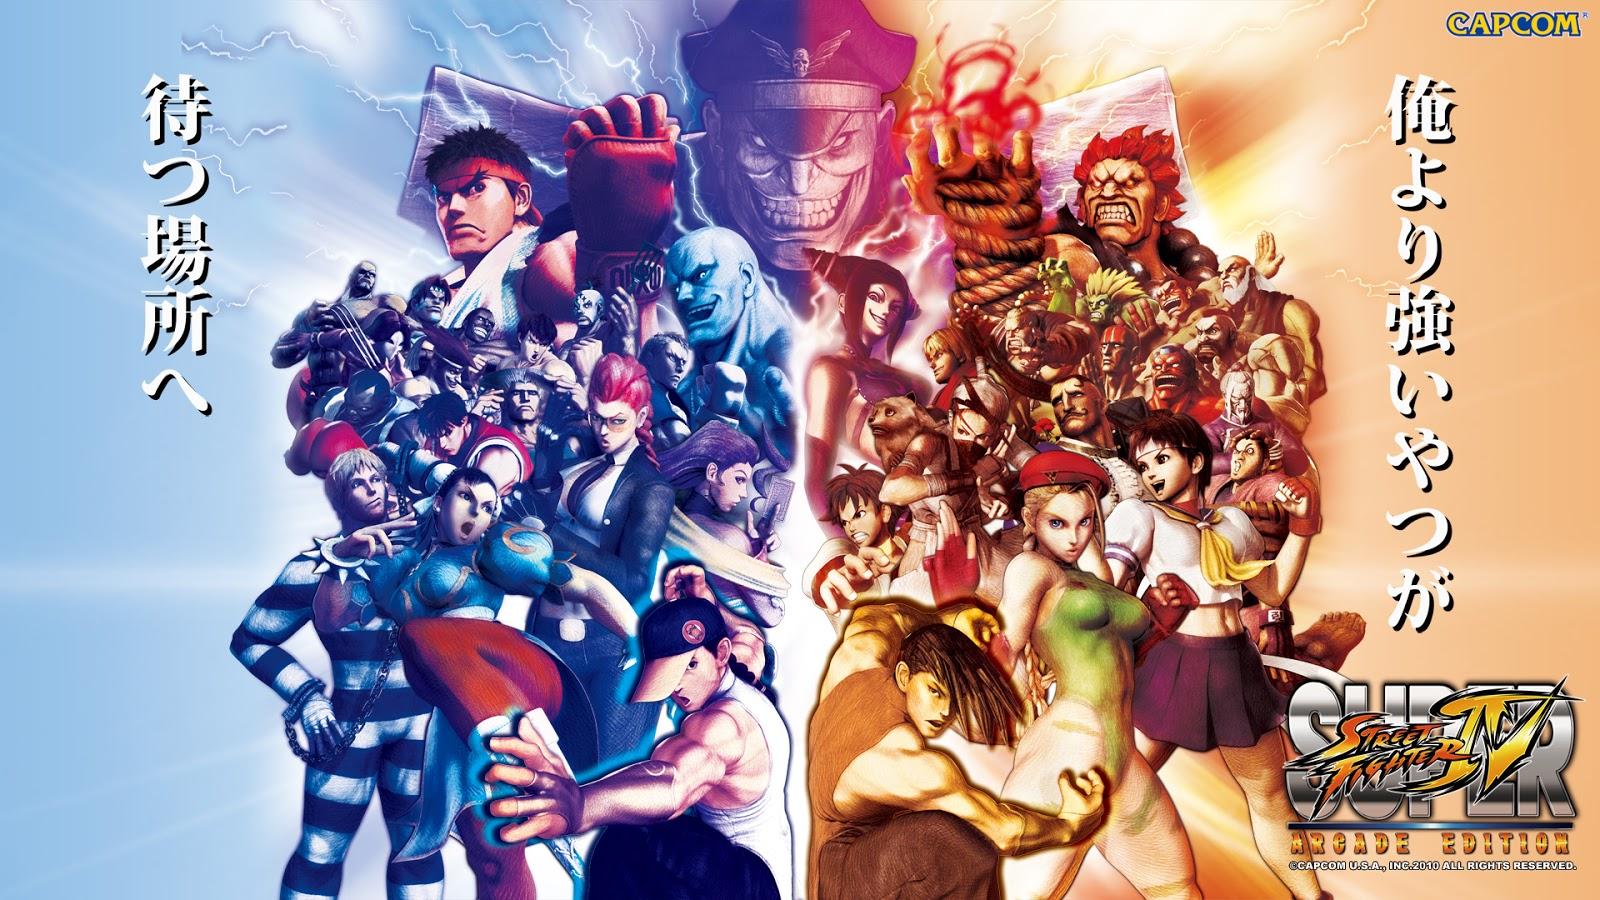 Produtora: Capcom